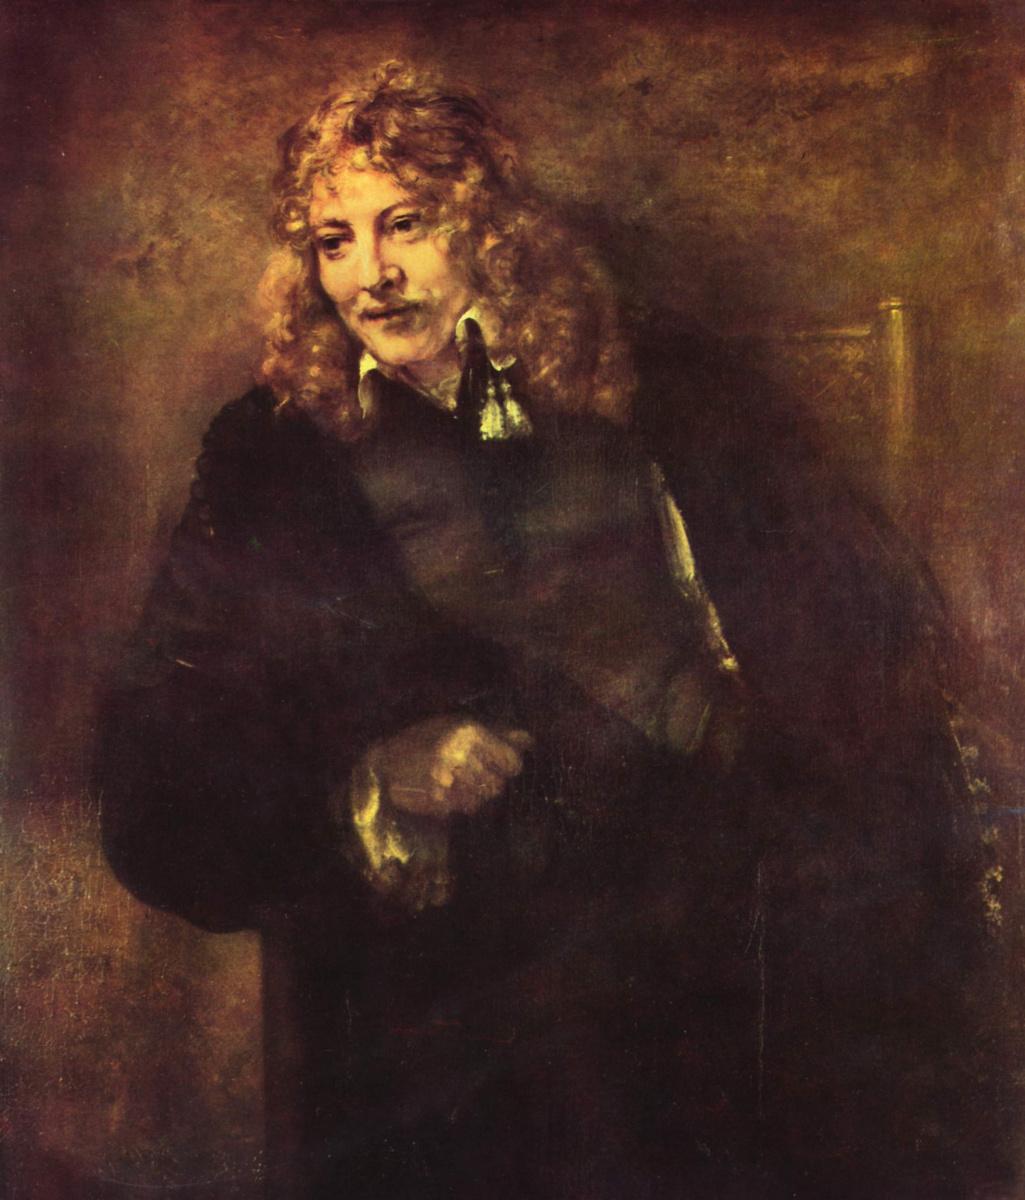 Рембрандт Харменс ван Рейн. Портрет Николаса Брёйнинга